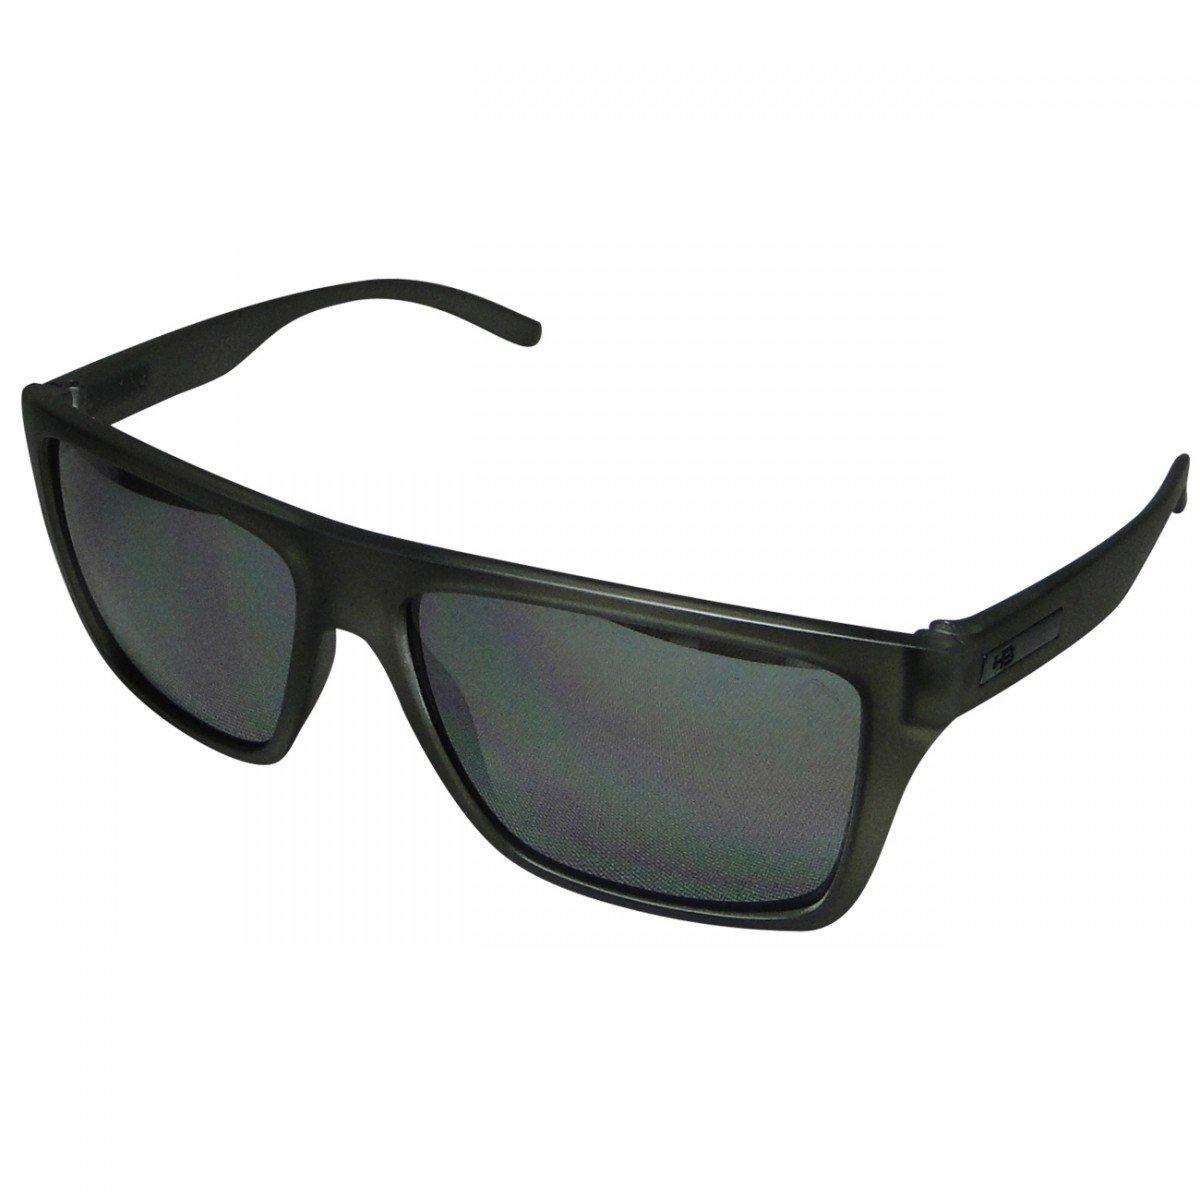 b5a00057b Oculos HB Floyd - Compre Agora | Zattini